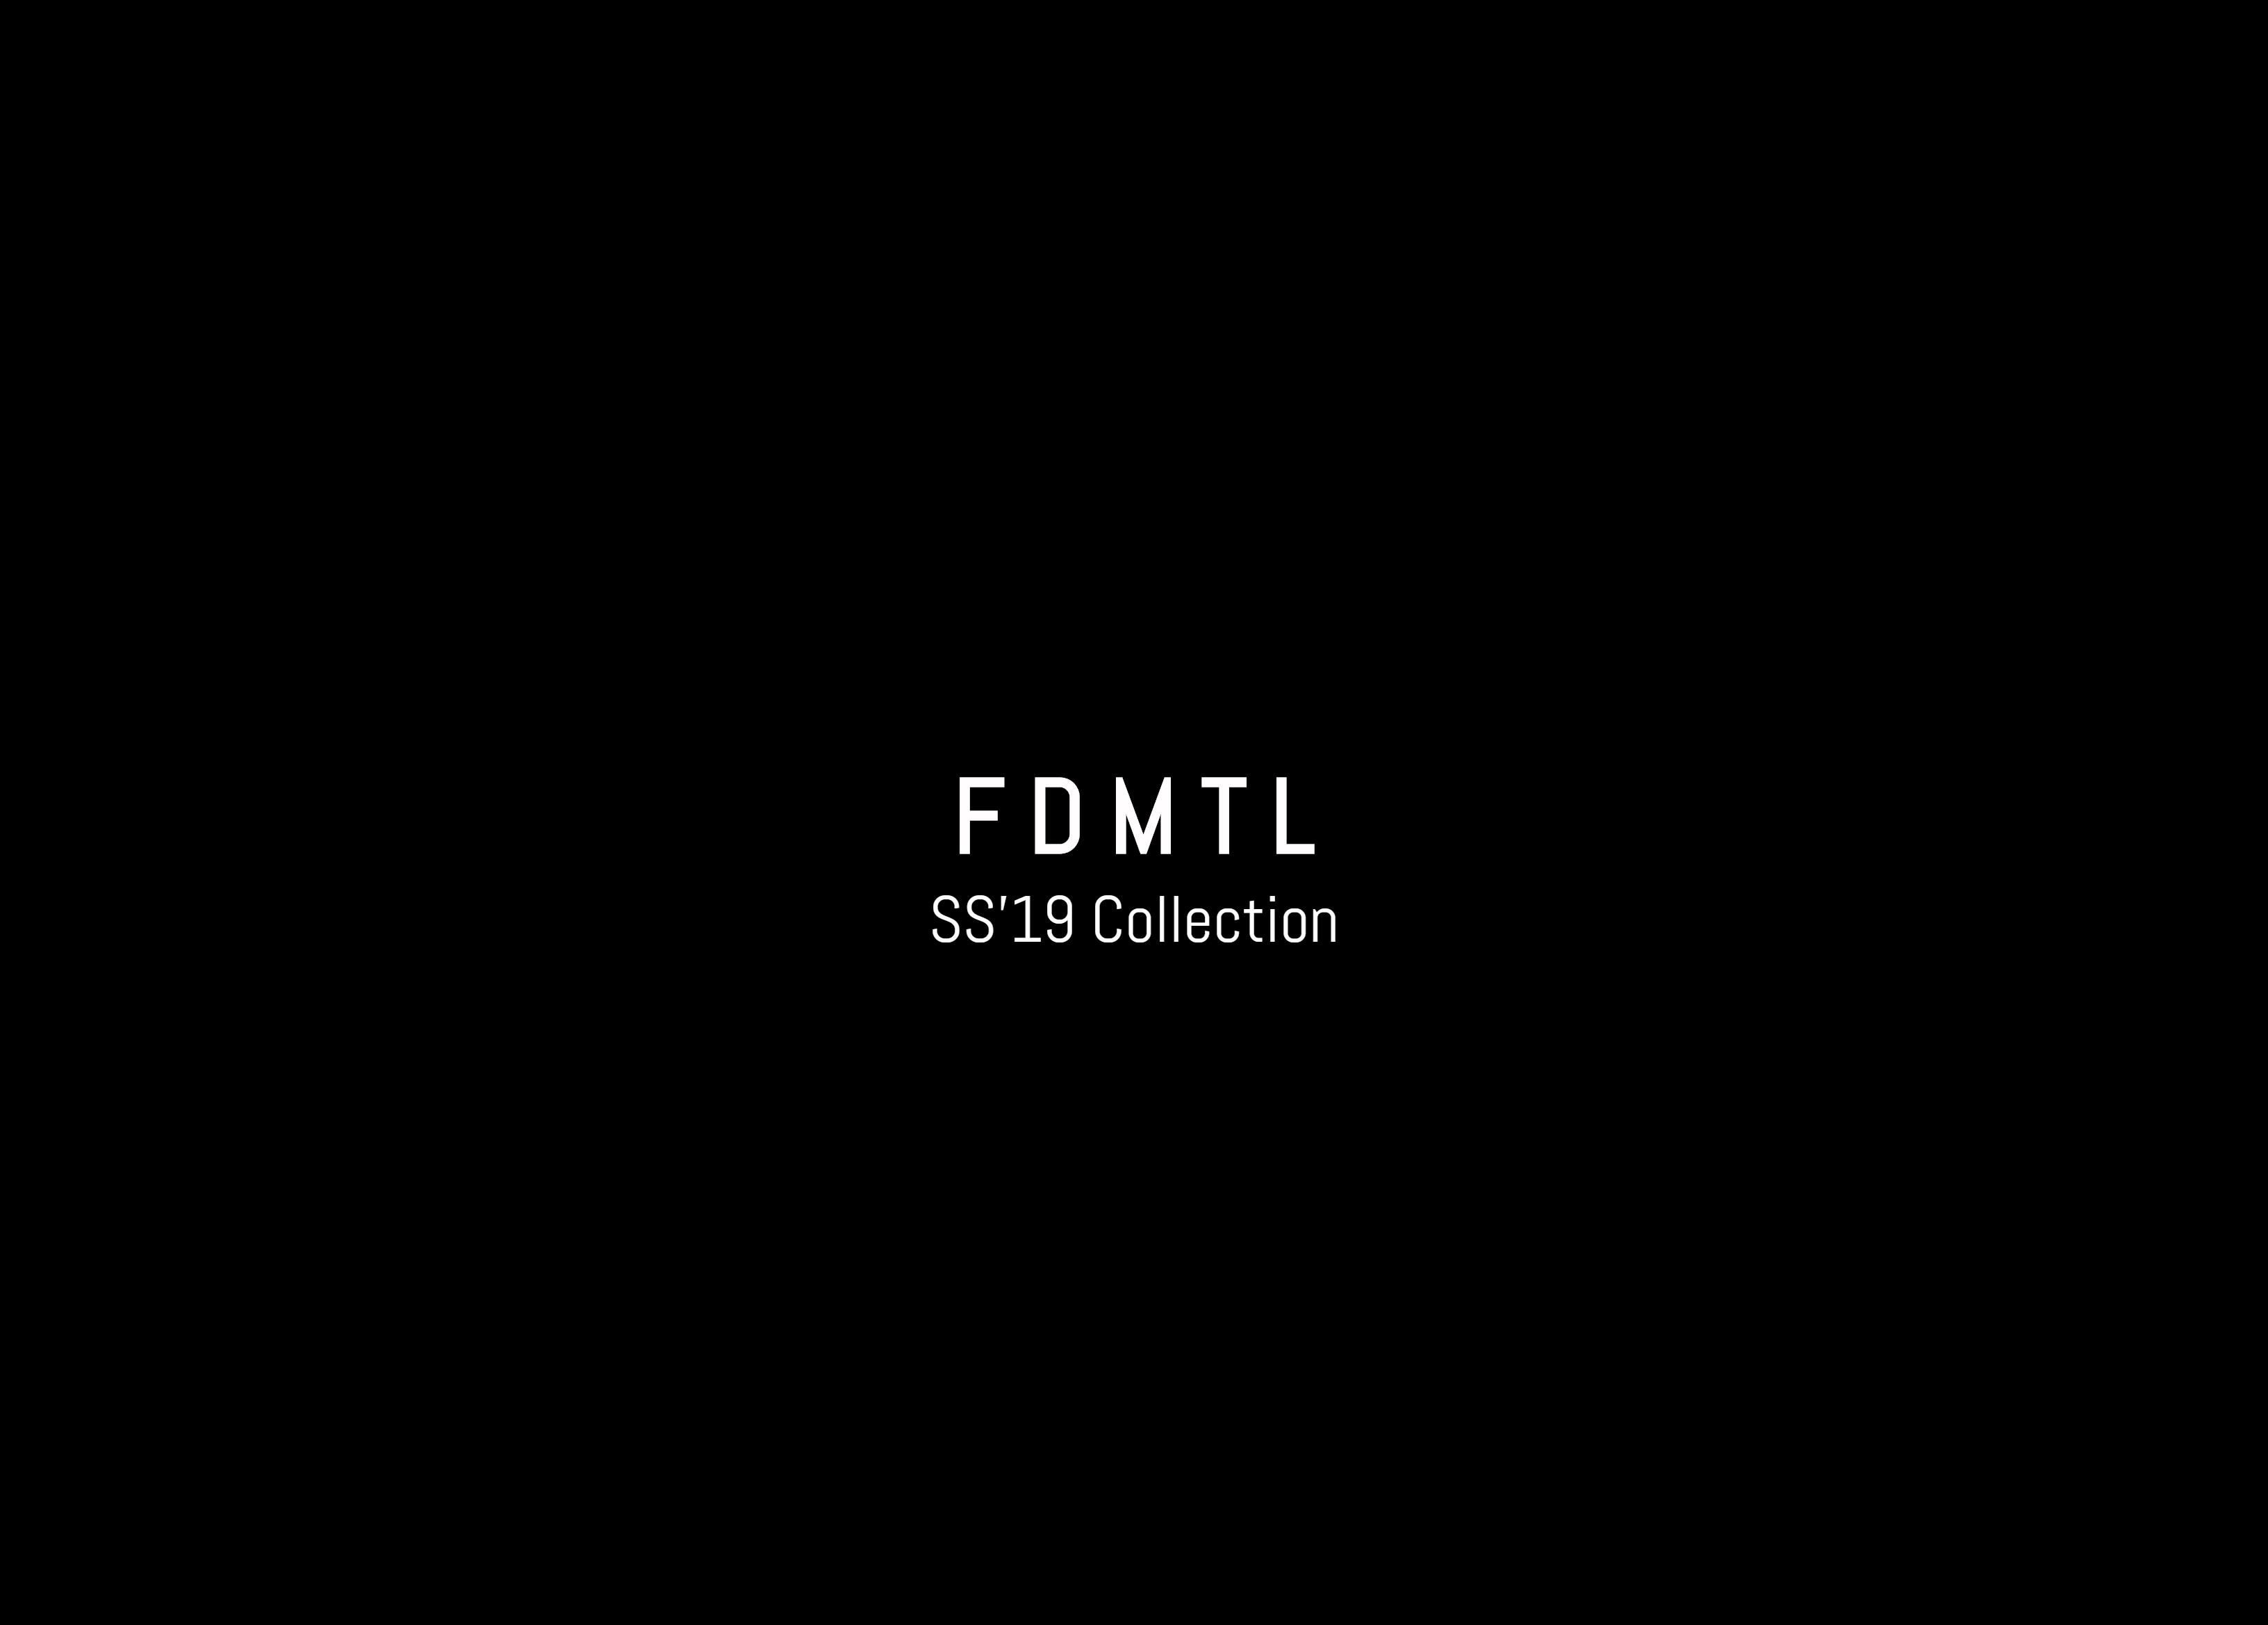 FDMTLA